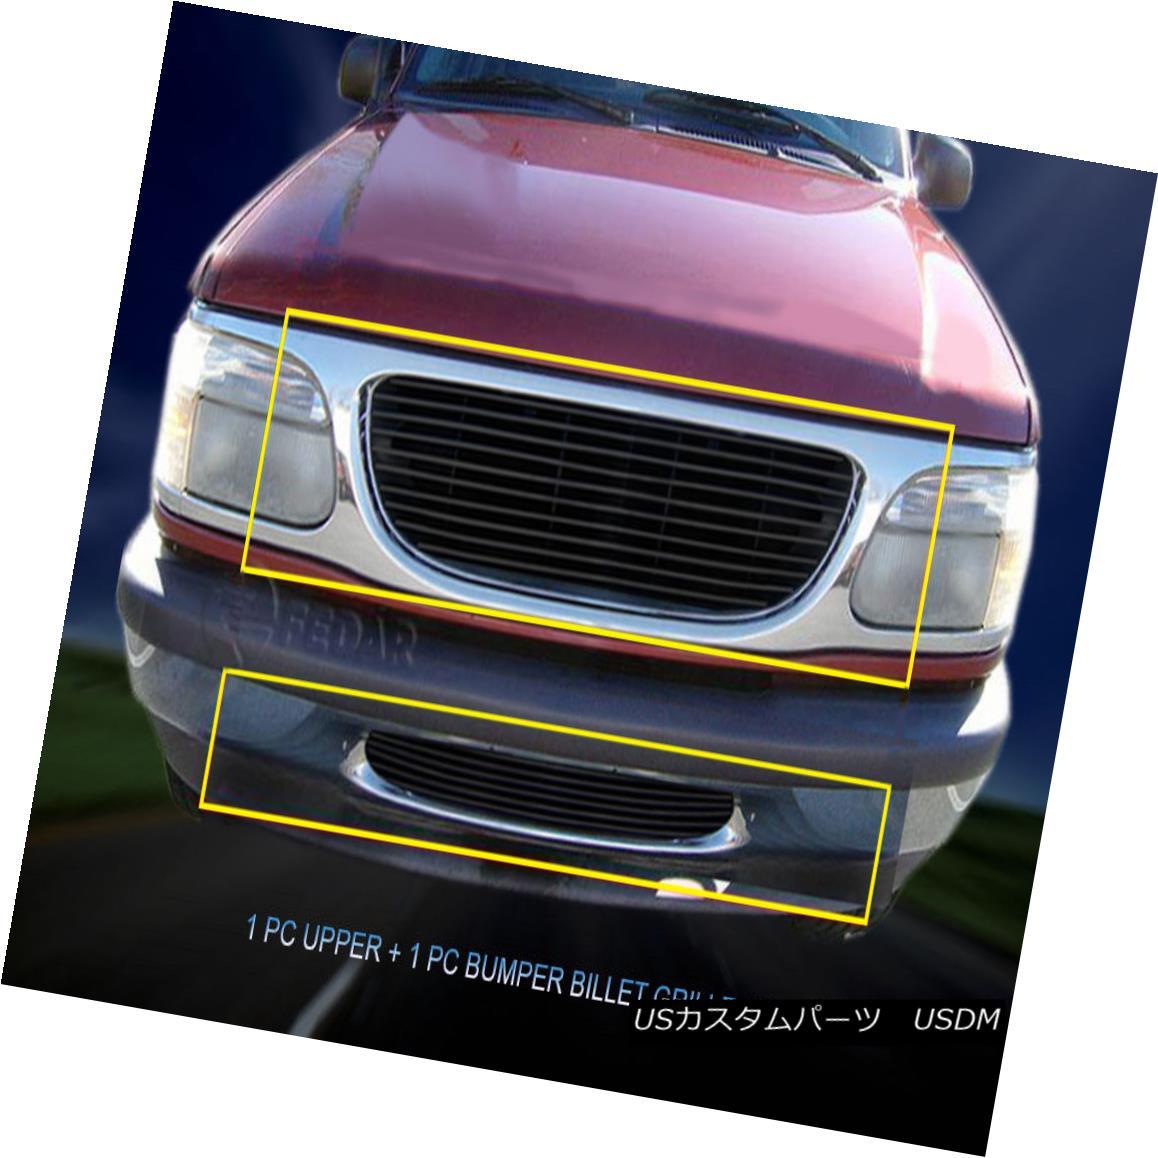 グリル For 95-98 Ford Explorer Aluminum Black Billet Grille Grill Combo Insert Fedar 95-98フォードエクスプローラーアルミブラックビレットグリルグリルコンボインサートFedar